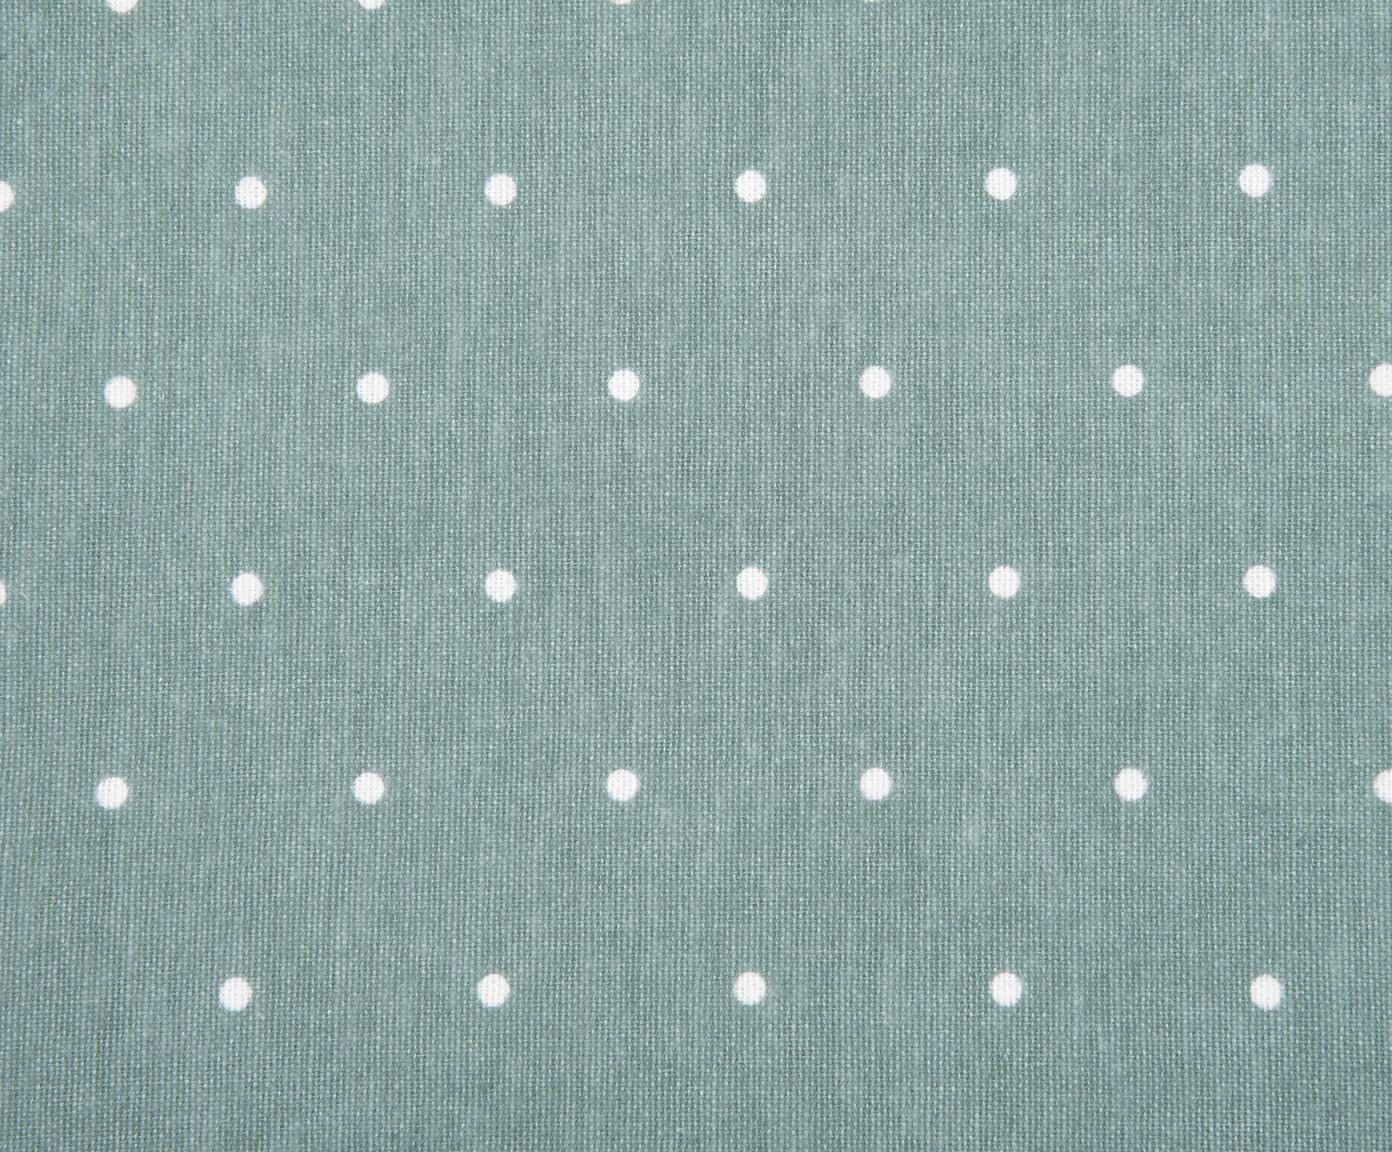 Flanell-Wendebettwäsche Betty, gepunktet, Webart: Flanell Flanell ist ein s, Salbeigrün, Weiß, 240 x 220 cm + 2 Kissen 80 x 80 cm